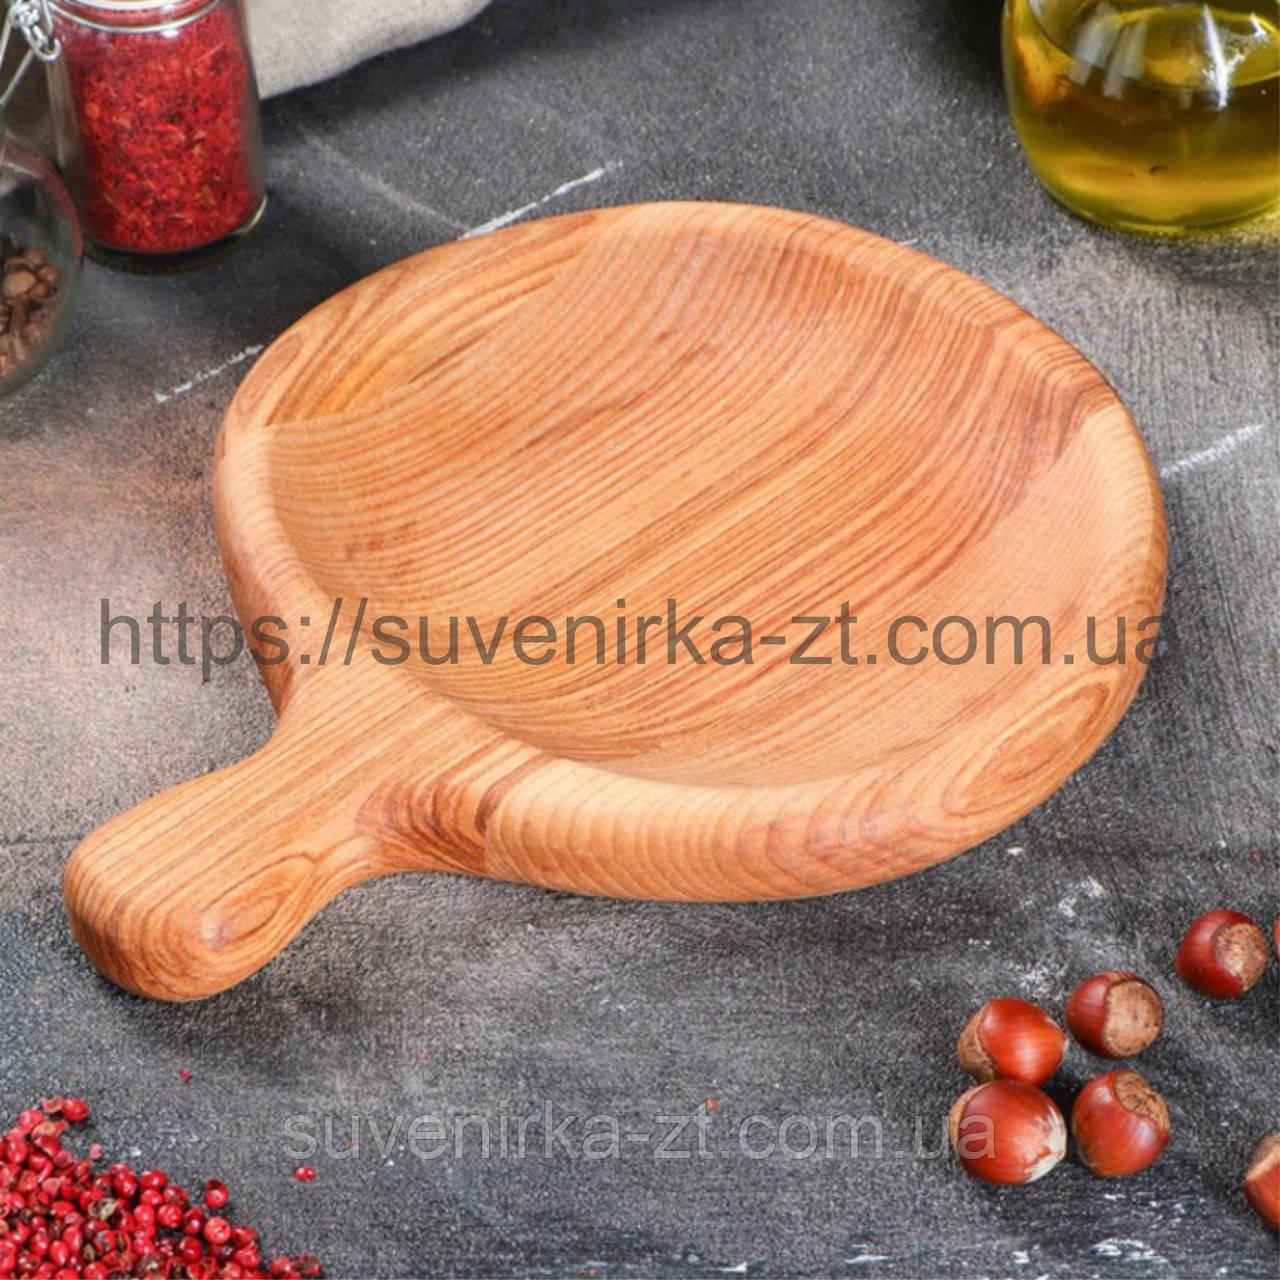 Деревянная посуда для подачи. (A01019)